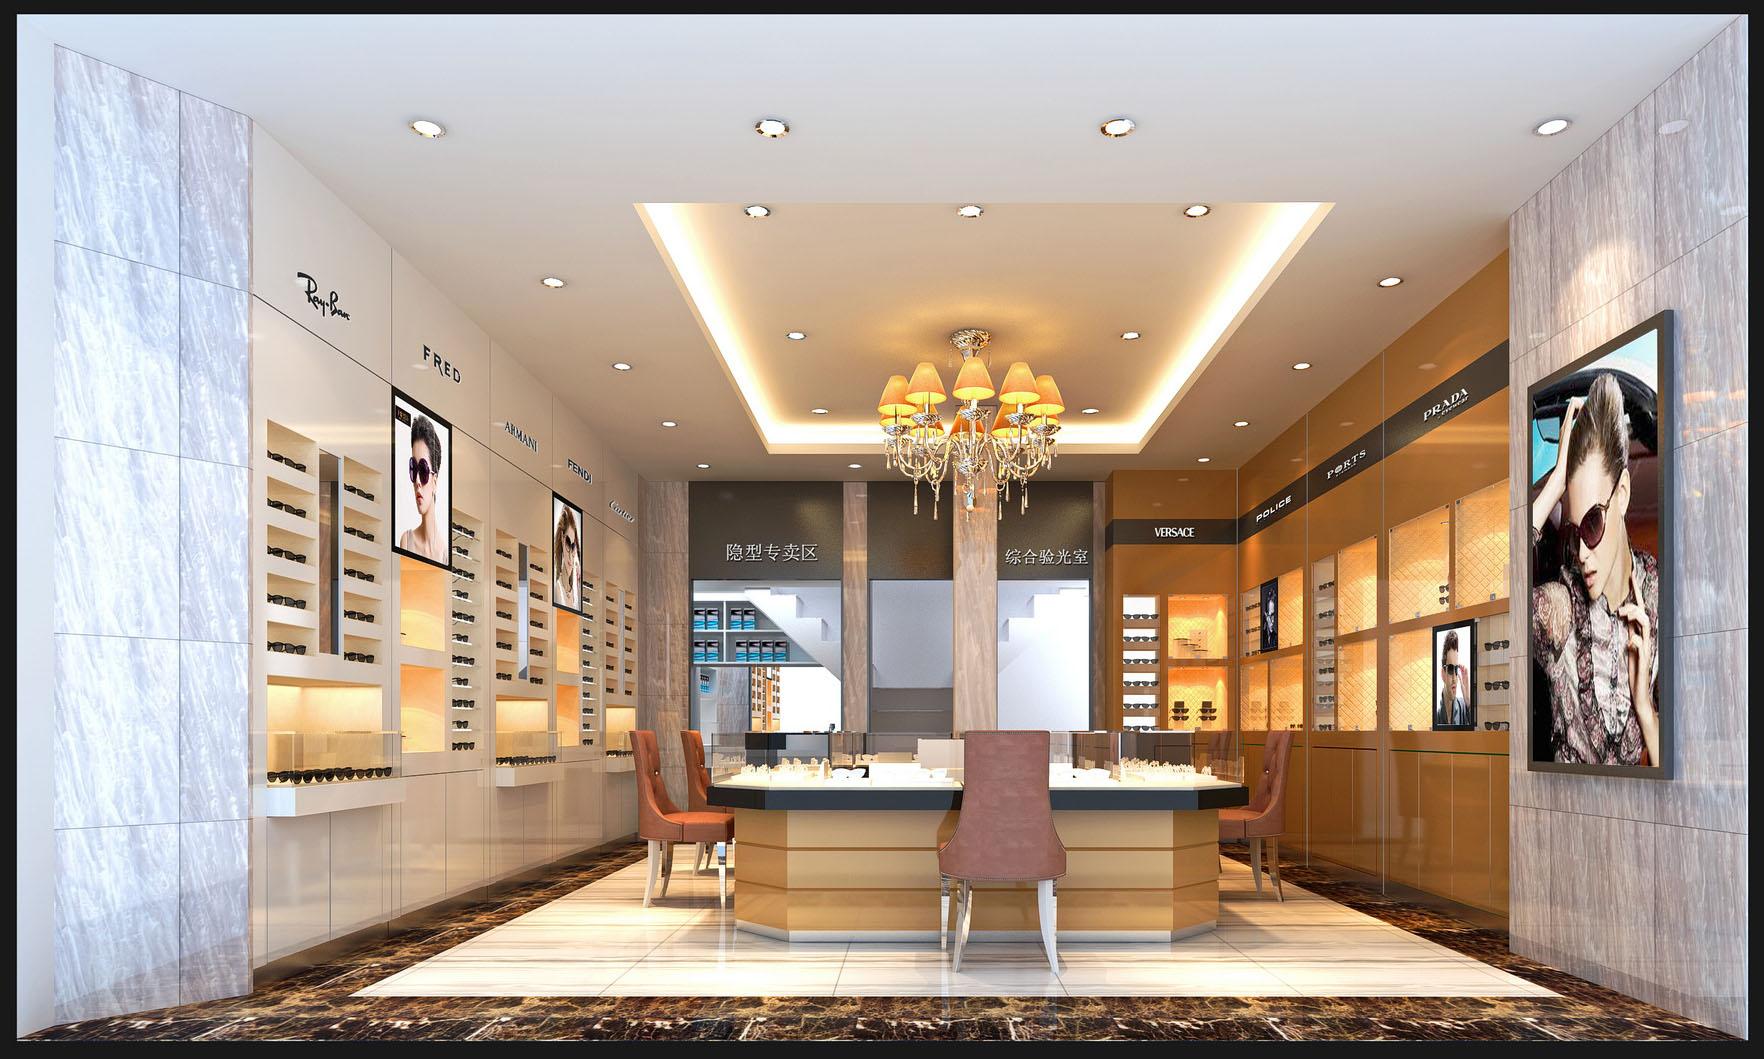 专业眼镜店装修公司,店面装修公司,专业烤漆柜台工厂